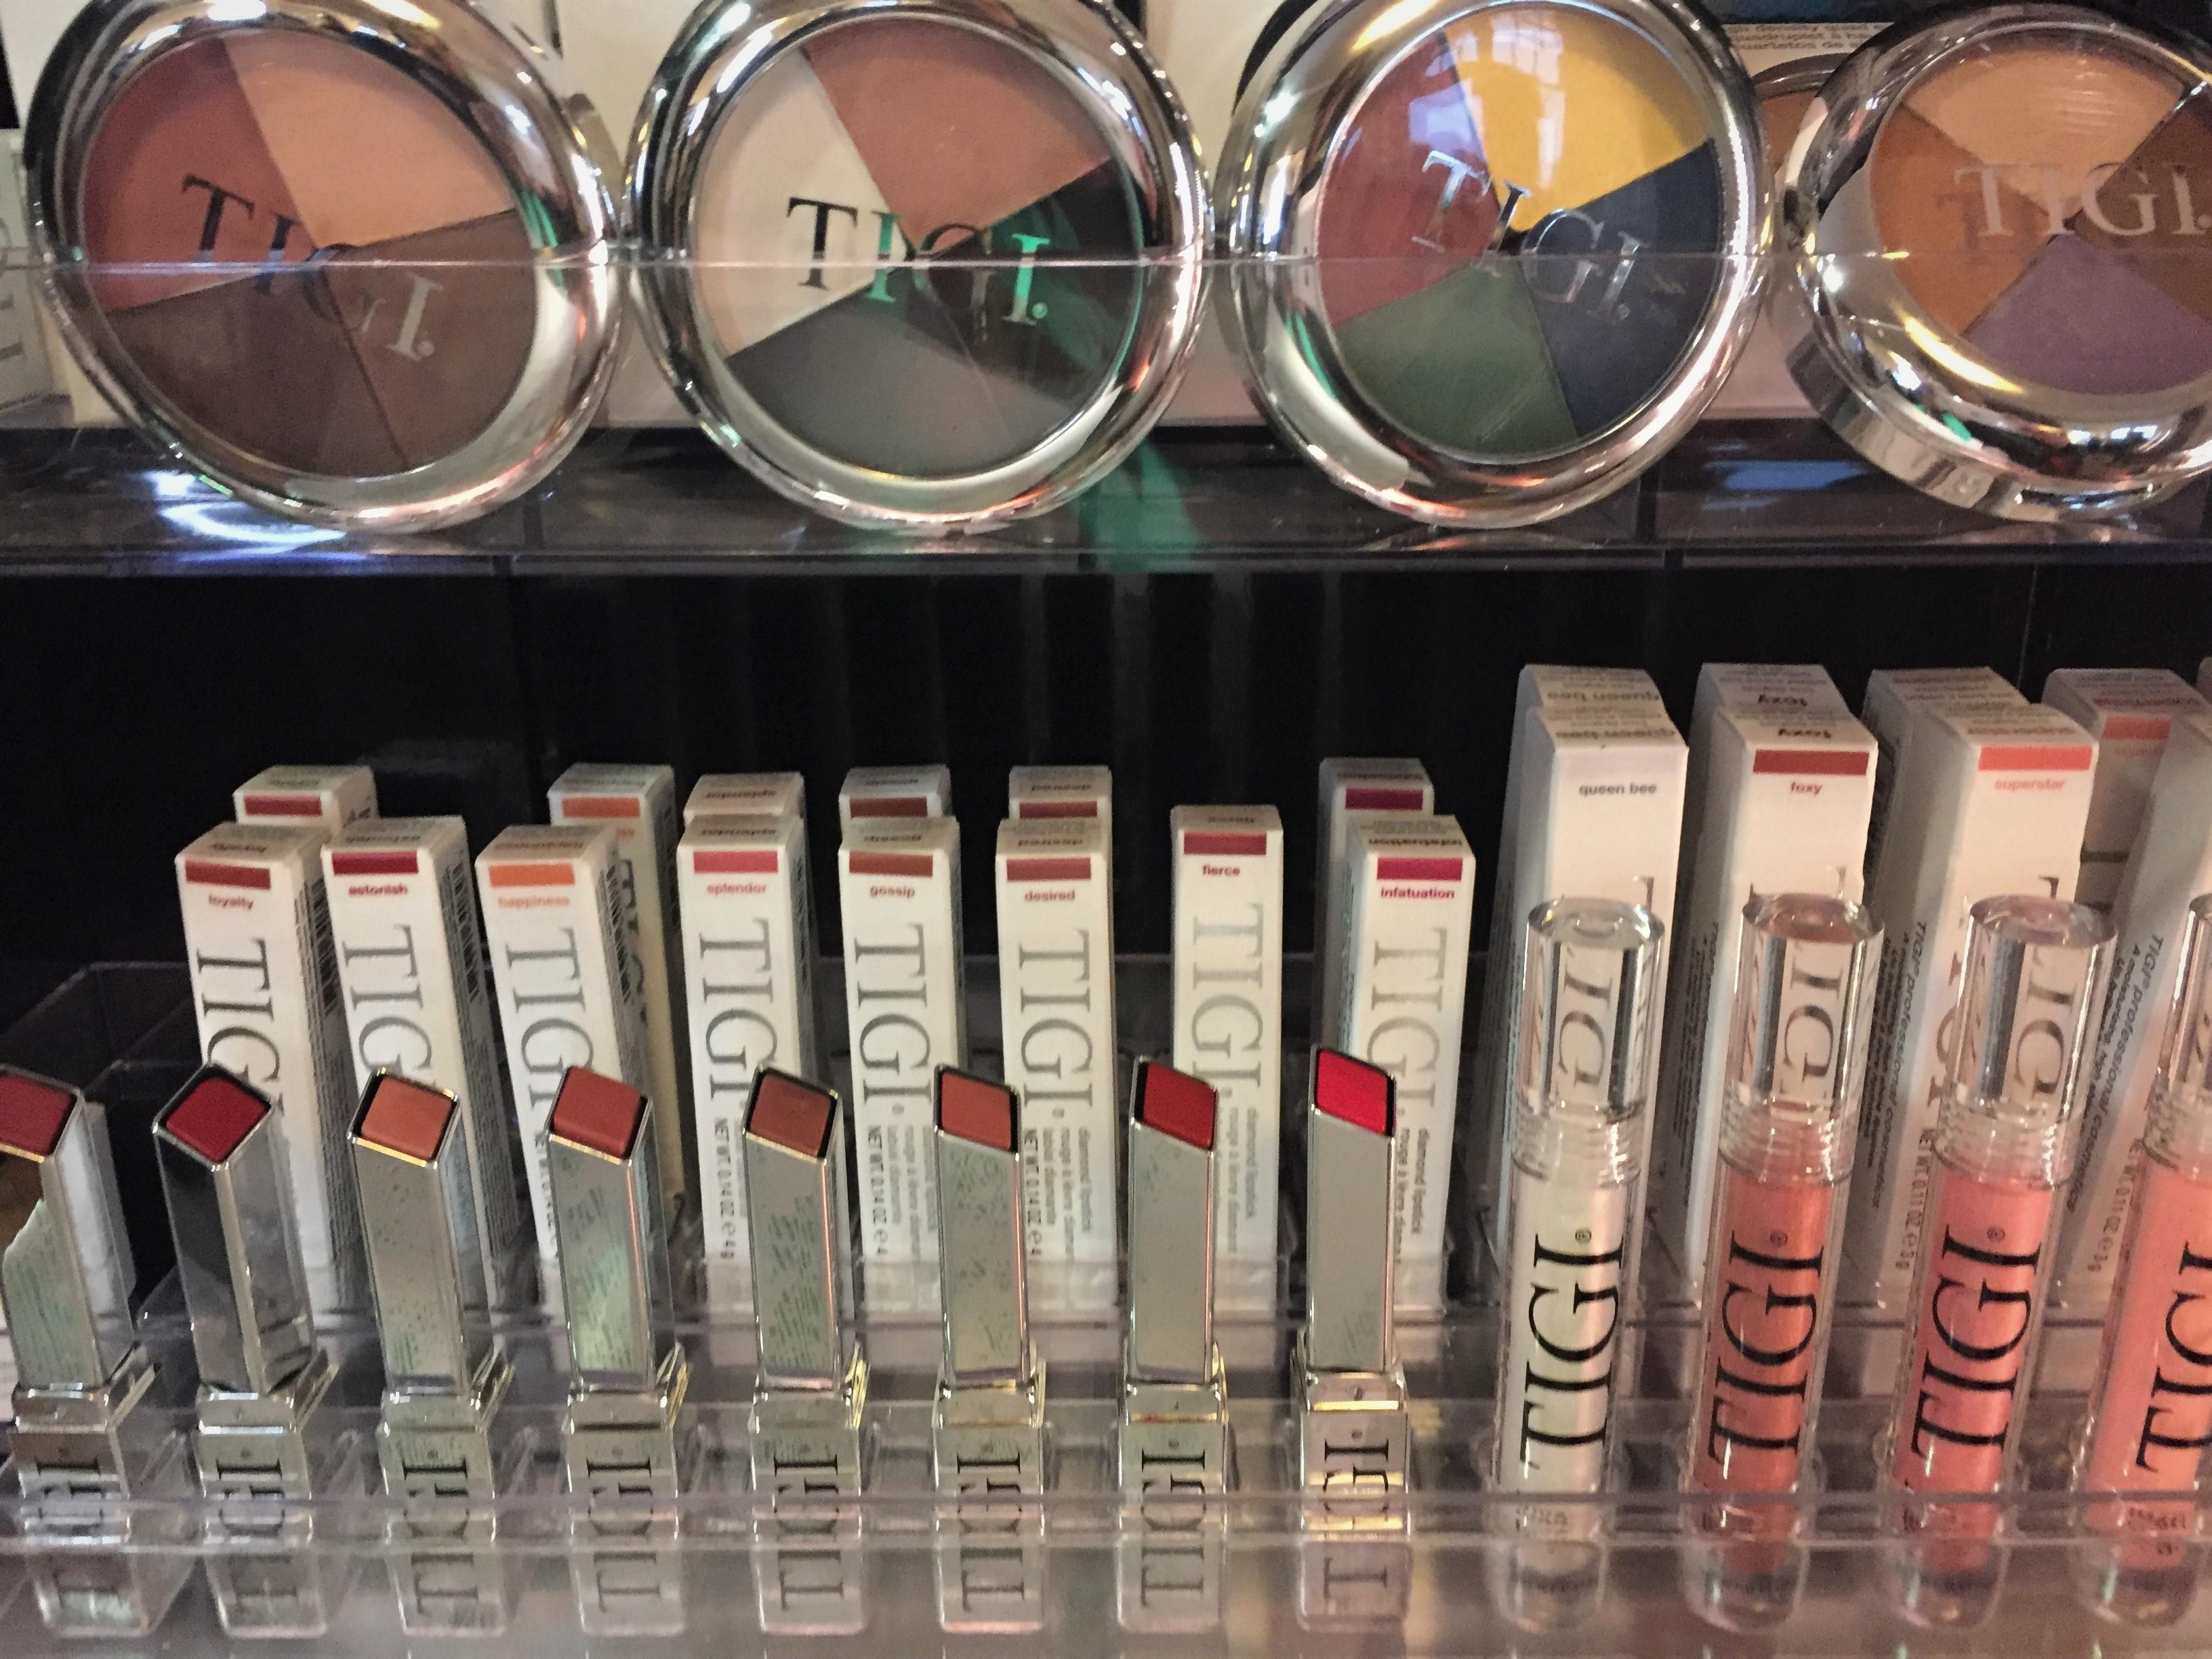 TIGIN meikeissä on mukavasti pigmenttia ja kohtuullinen hinta.